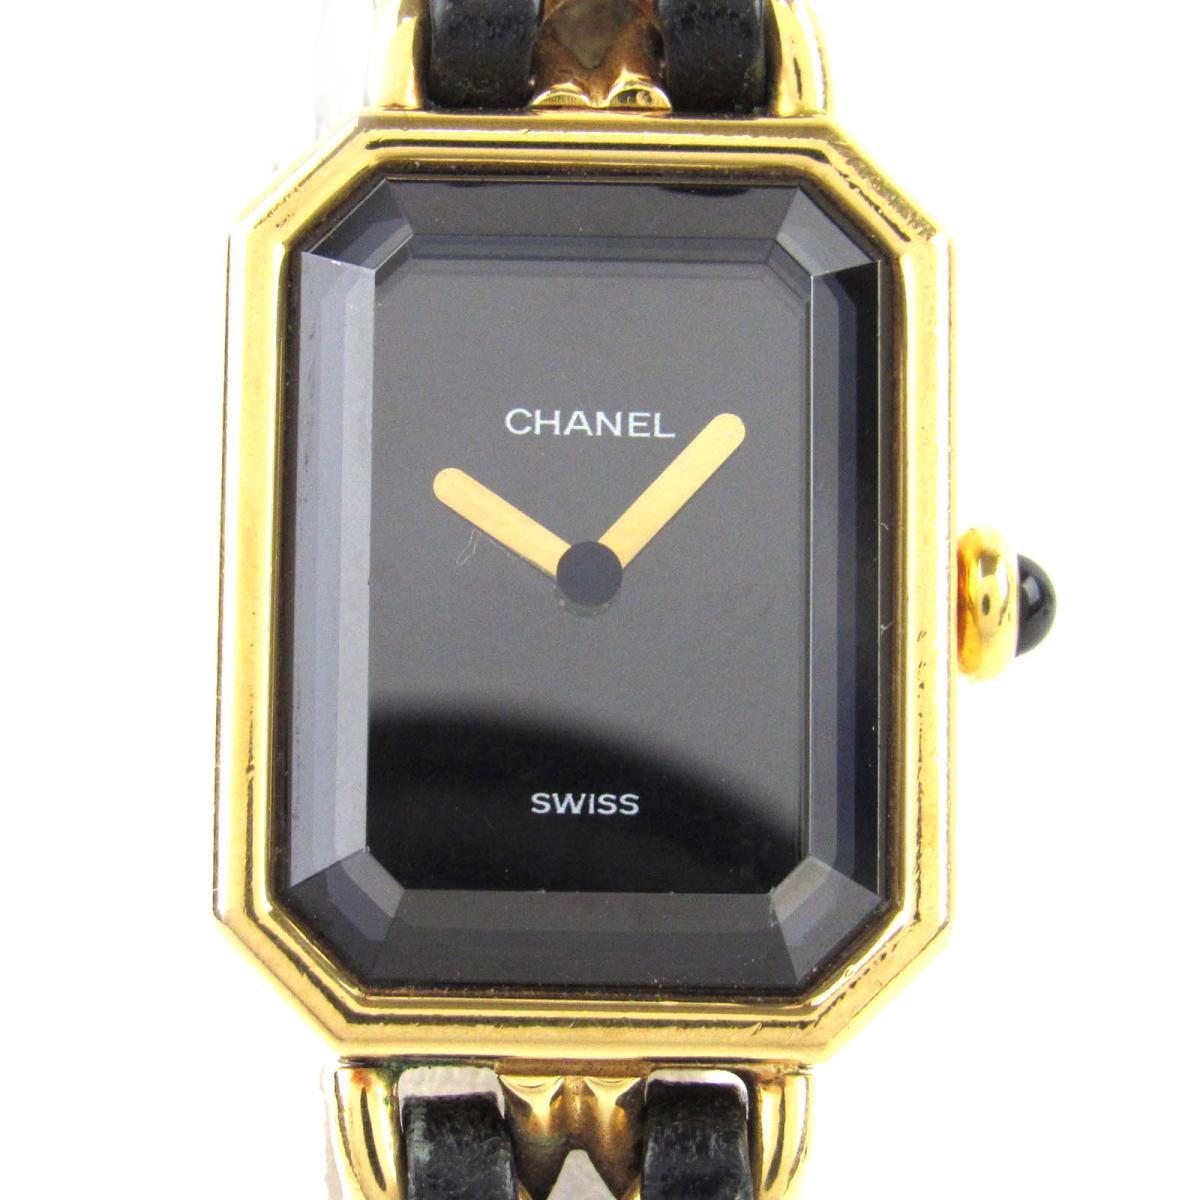 【中古】 シャネル プルミエールM ウォッチ 腕時計 レディース レザーベルト x GP (ゴールドメッキ) (H0001) | CHANEL クオーツ 時計 プルミエールM 美品 ブランドオフ